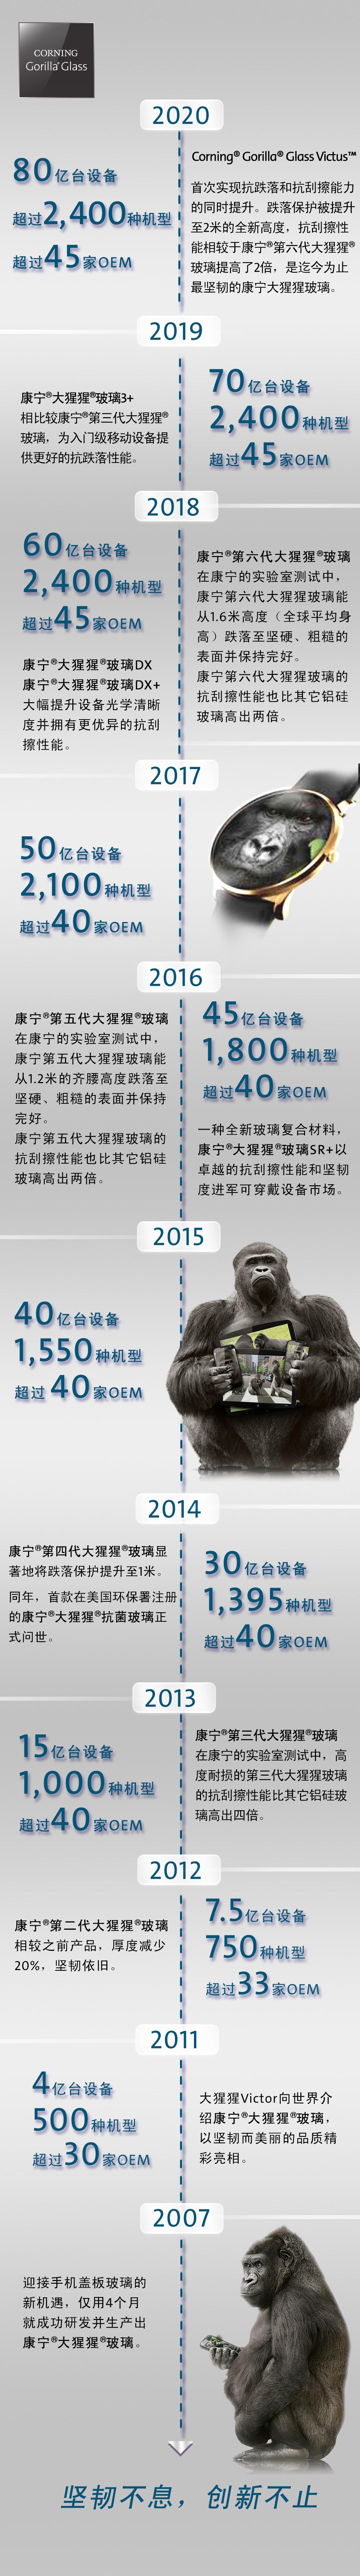 康寧發布Corning Gorilla Glass Victus:大猩猩玻璃愈加堅韌